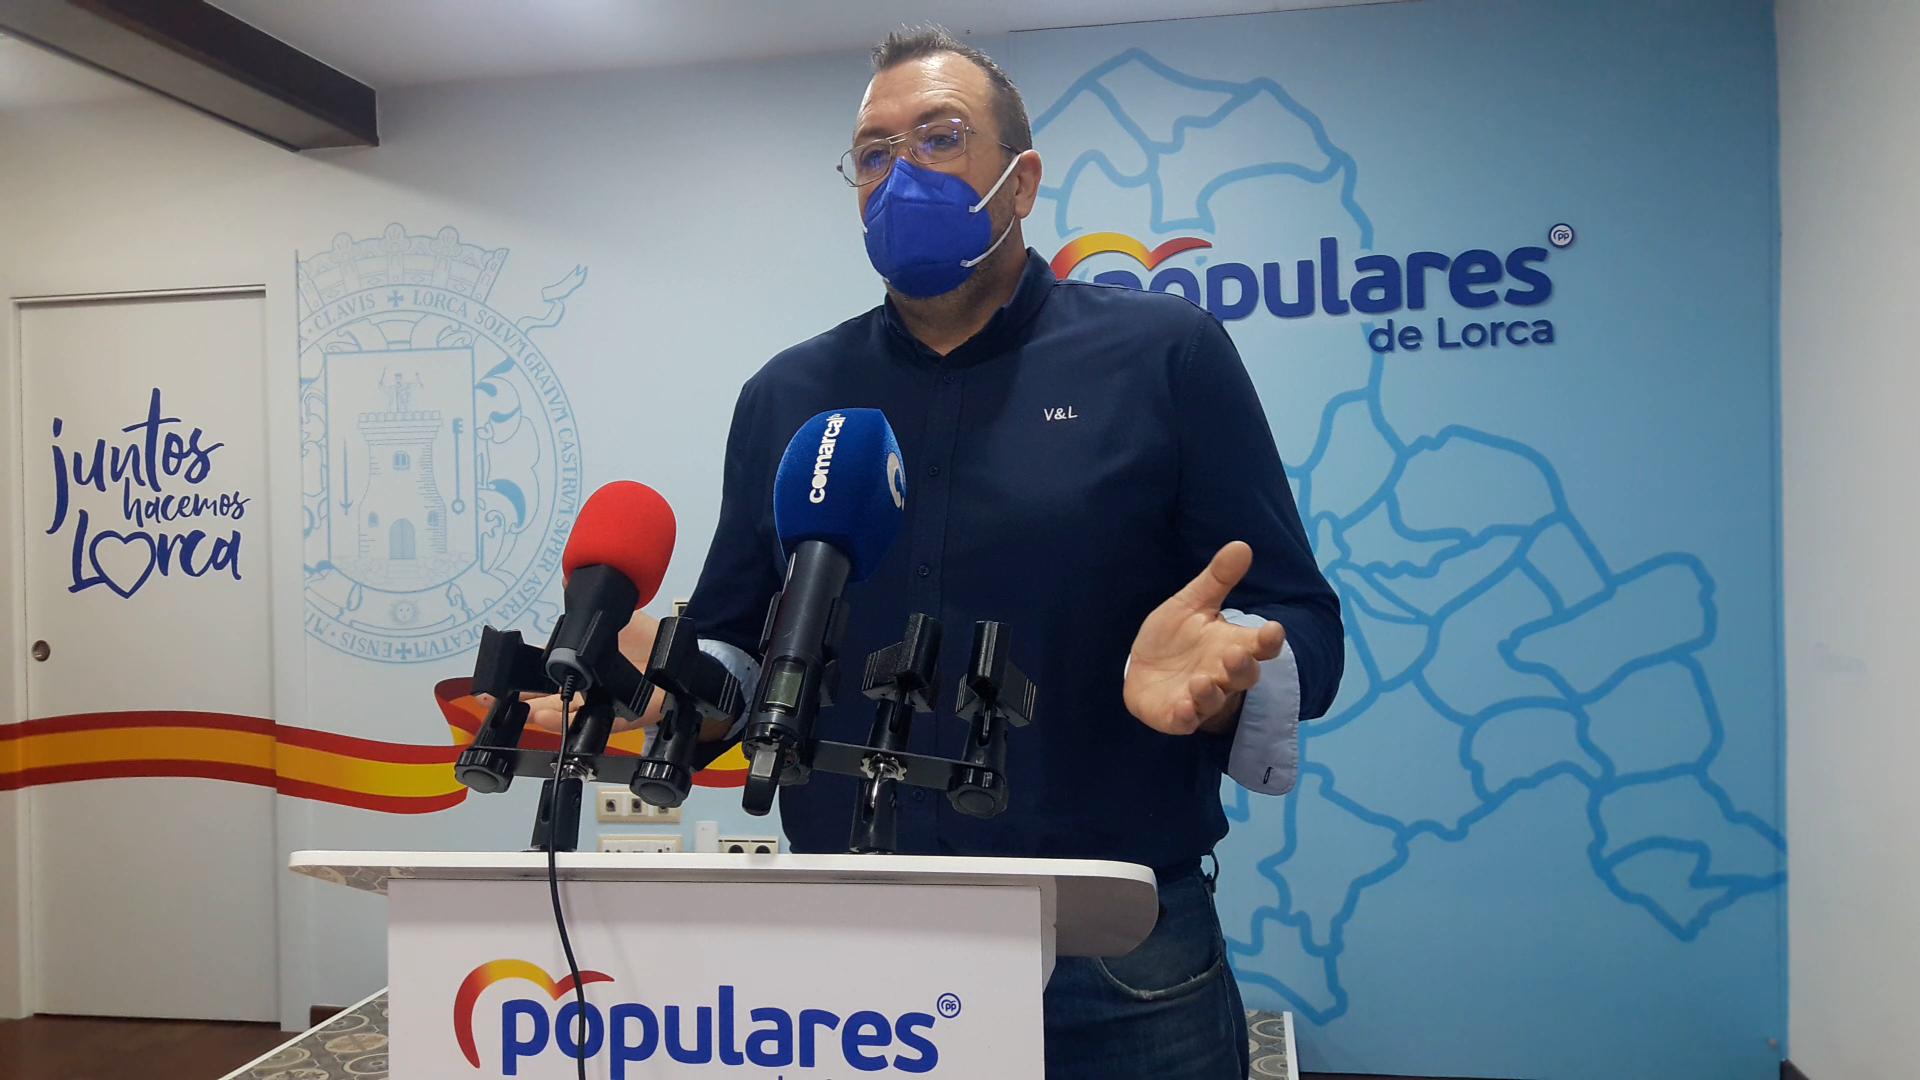 """PP Lorca: """"El Alcalde del PSOE alquilará autobuses de hasta 20 años de antigüedad para el servicio de transporte urbano, pese a que prometió comprarlos todos nuevos"""""""